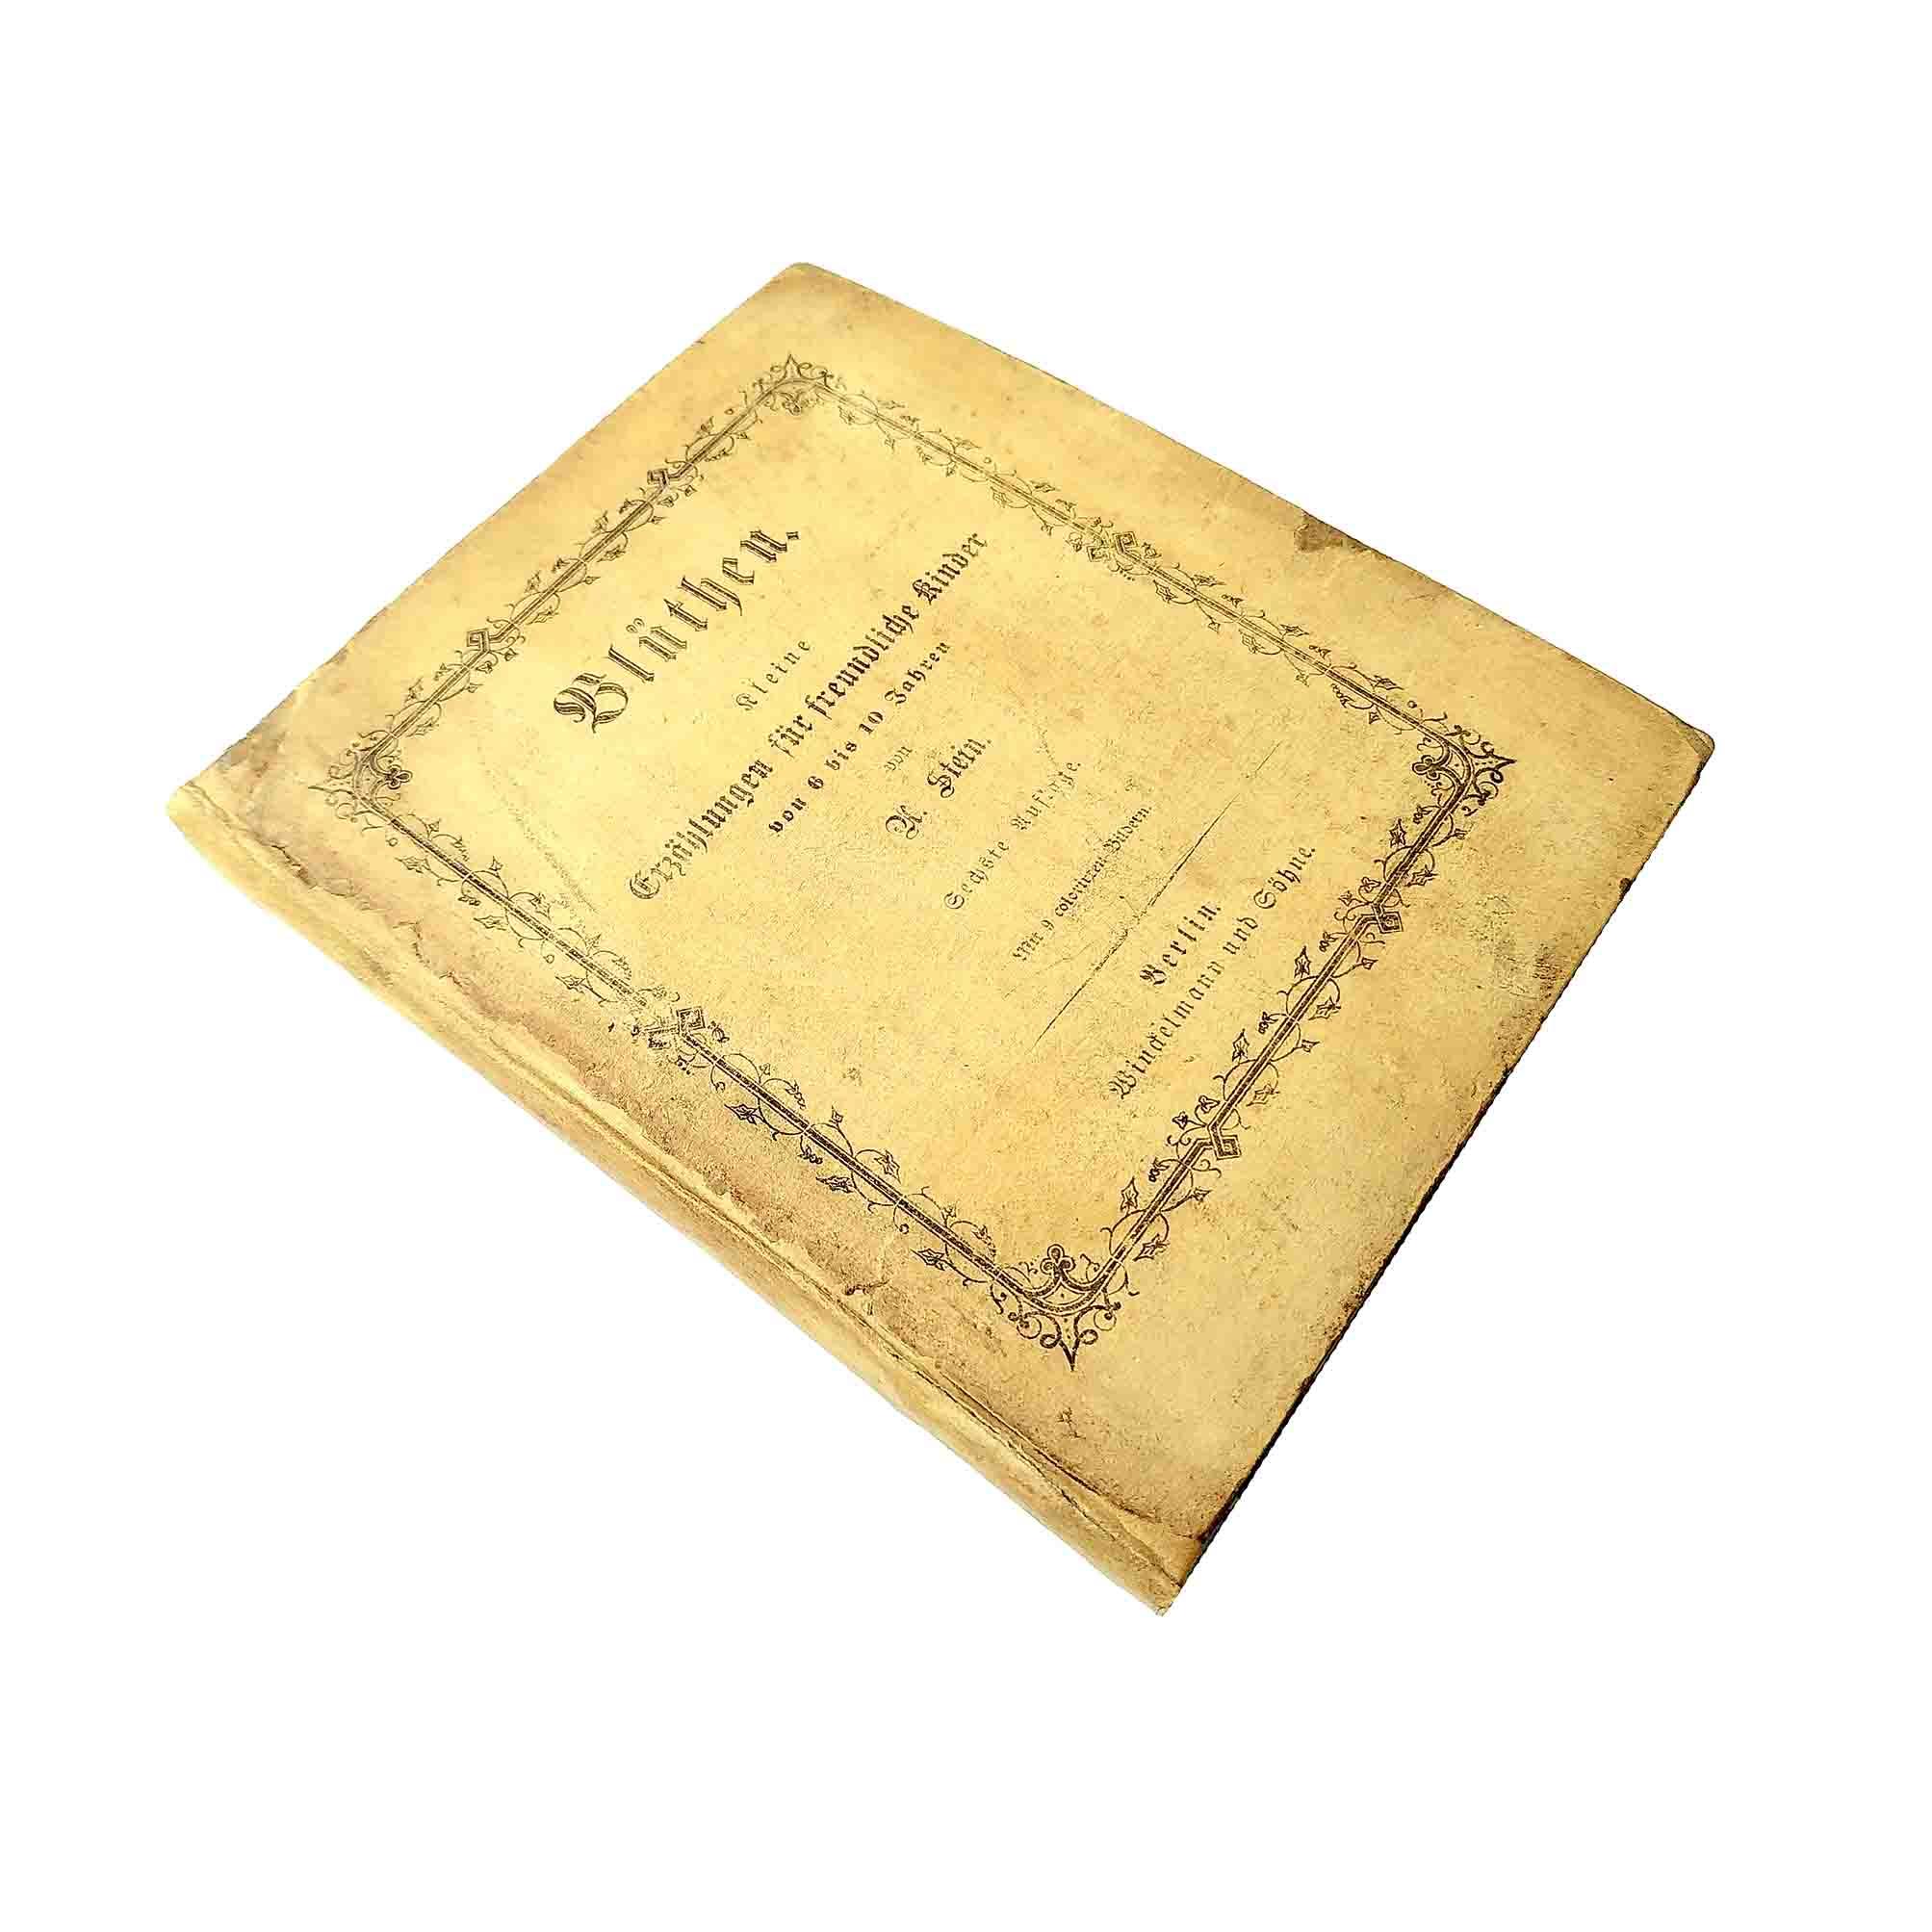 6009 Stein Blüthen 1853 Einband recto frei N